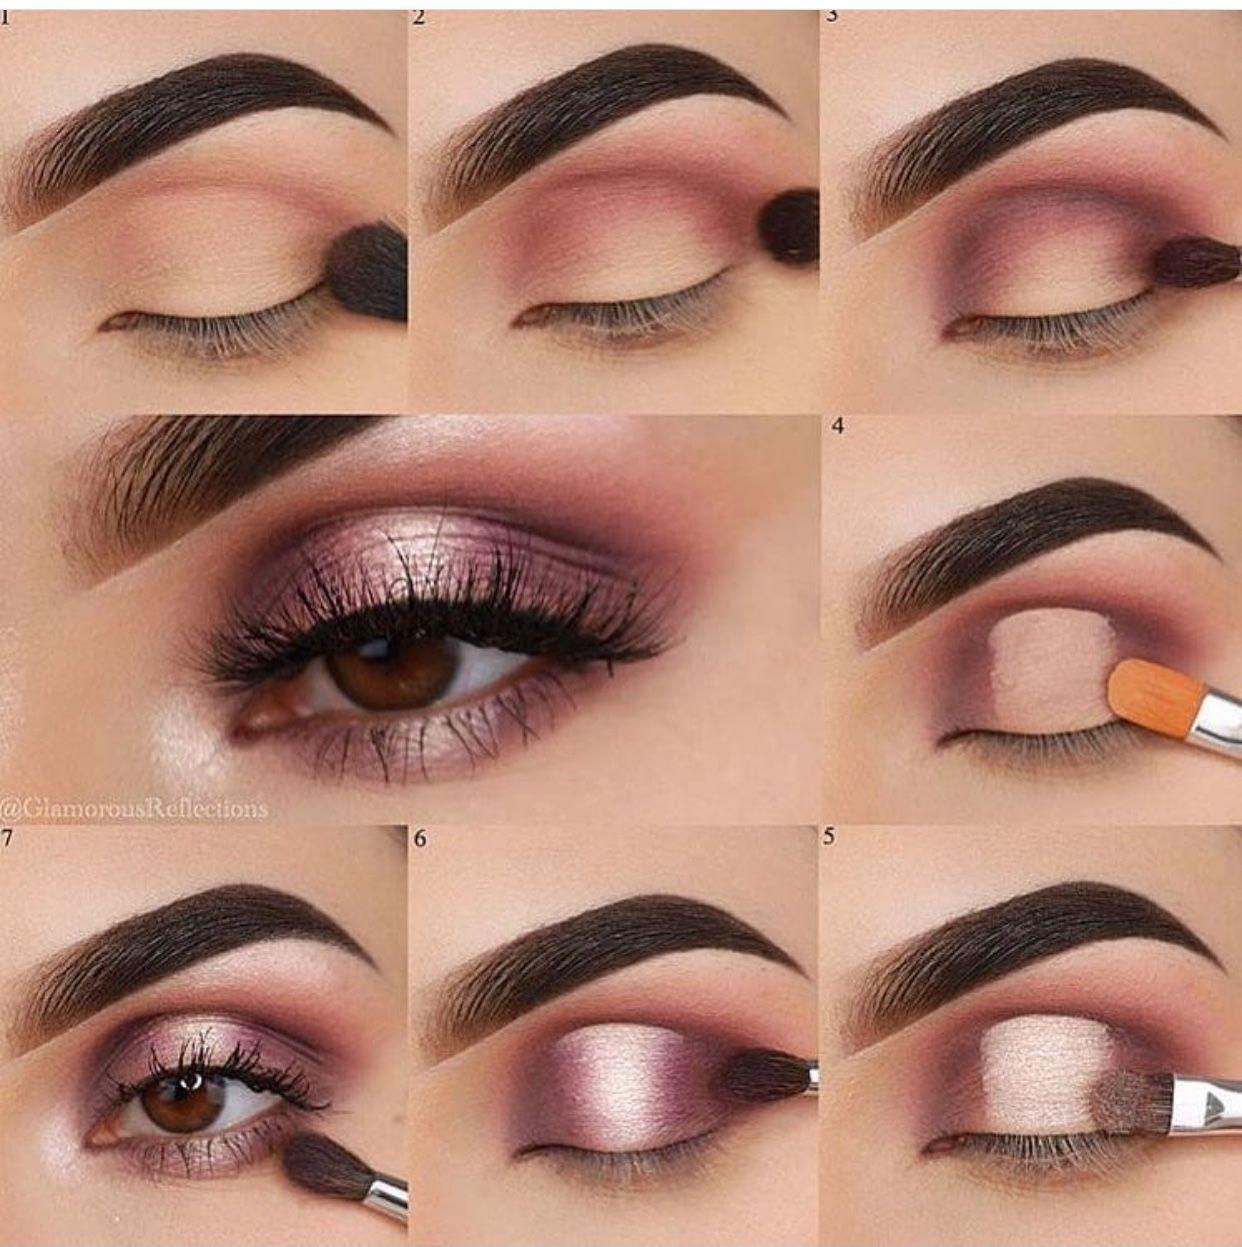 Dramatic eyes makeup steps Matte eye makeup, Applying